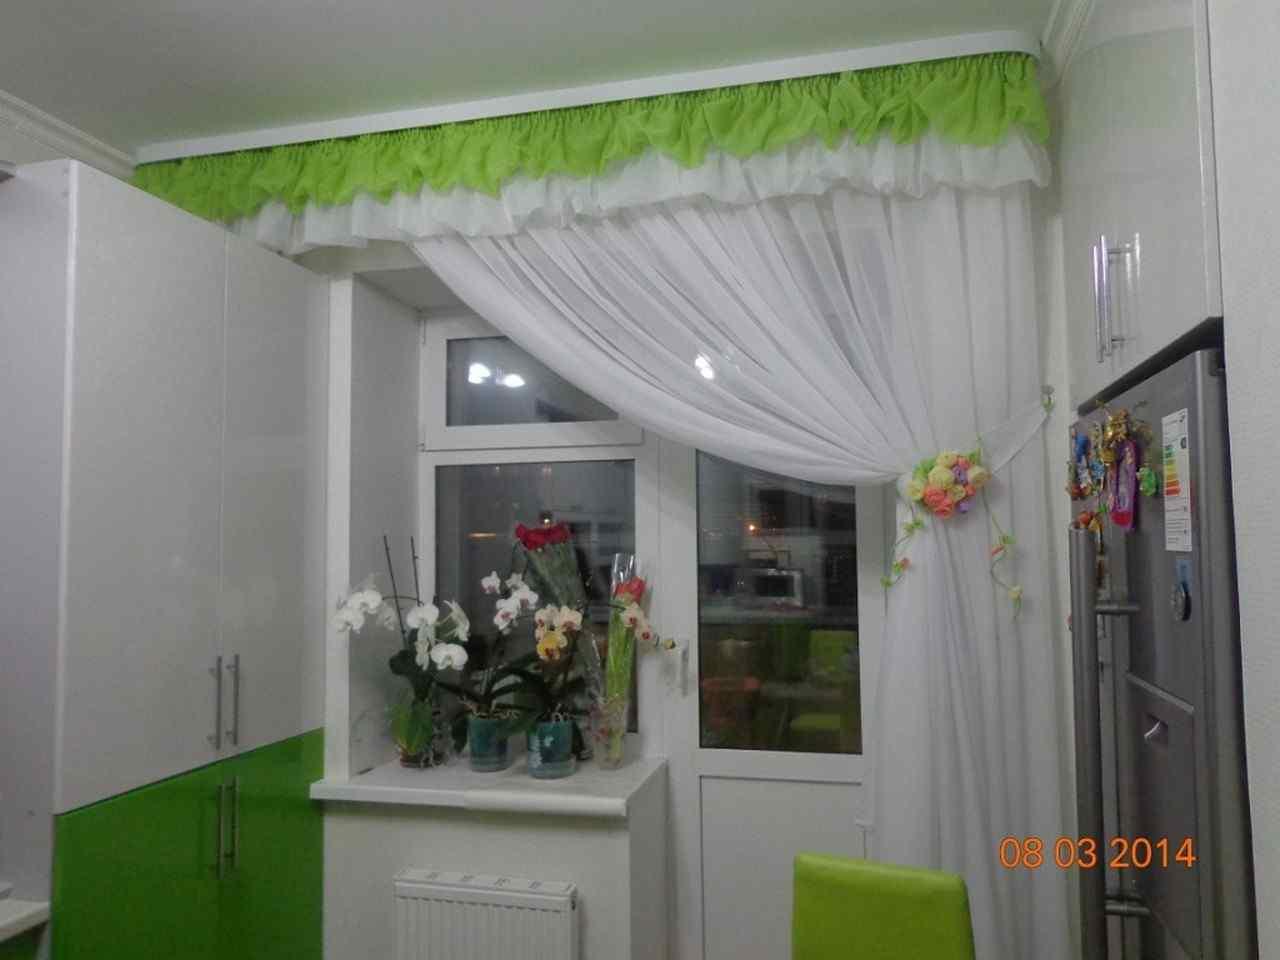 Шторы для кухни. in на кухню с балконом фото 79 круто домашн.